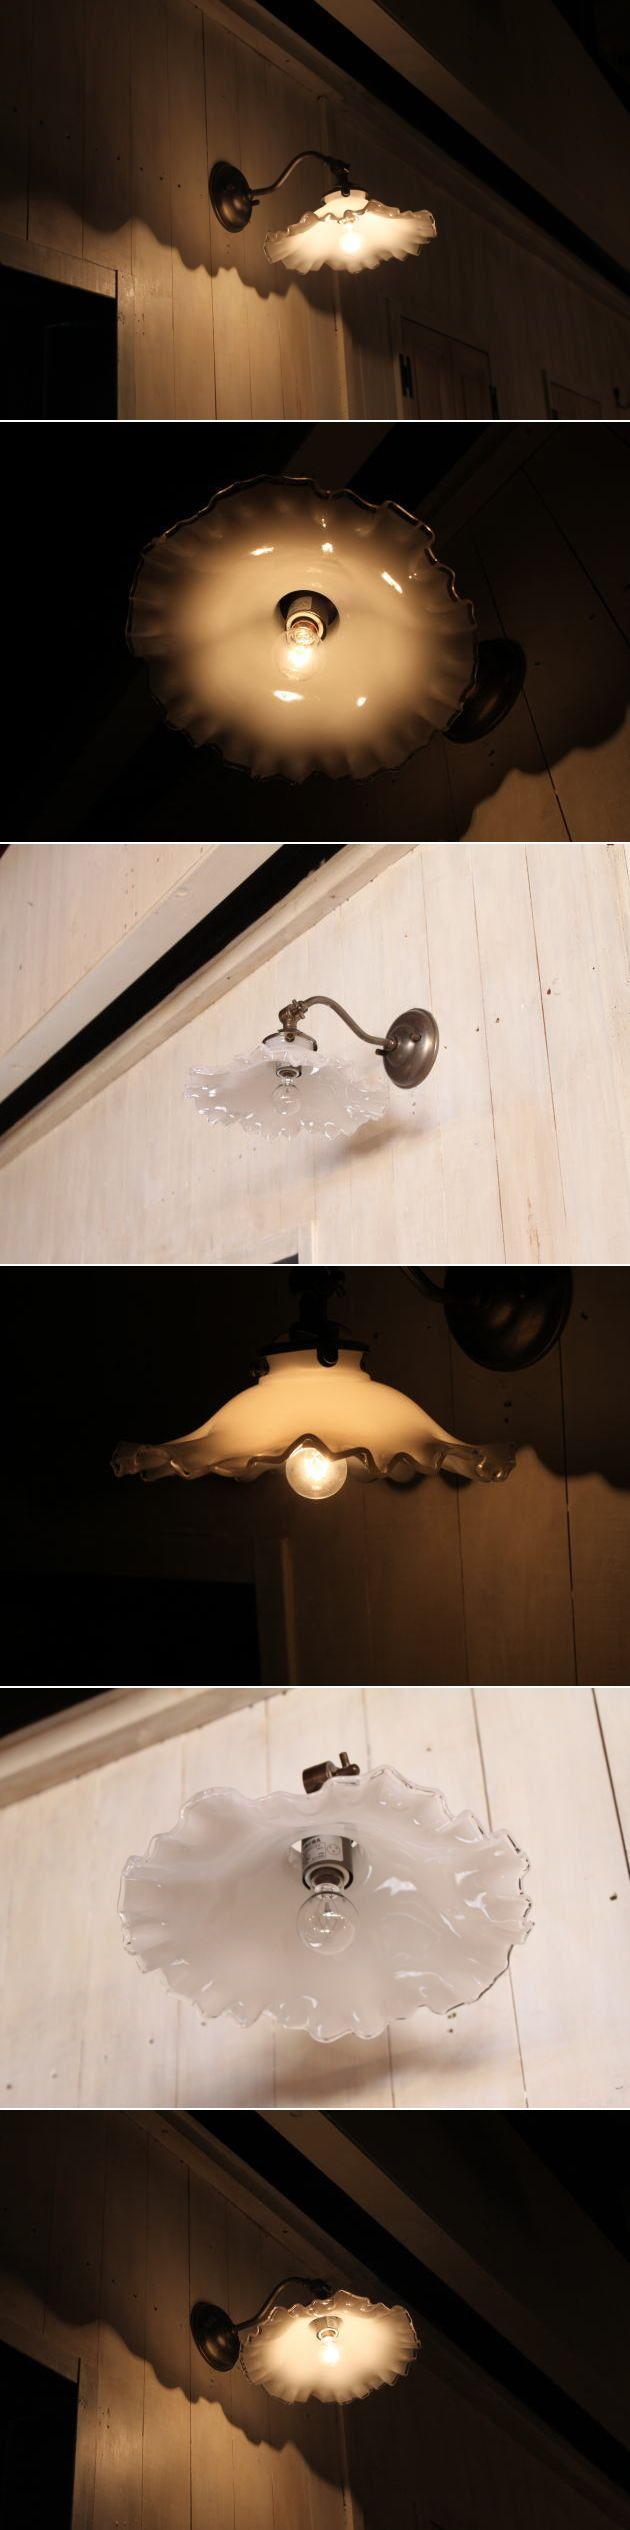 【LED対応】ミルクグラスが柔らかで温かな光を放つちます。。ミルクガラスシェードオールドキャッスルウォールランプSET rmp wlp( 壁掛けライト ブラケット 照明 LED電球 階段用 アンティーク 玄関 廊下 レトロ フレンチ 北欧 カフェ風 クラシカル ) キャンドールss